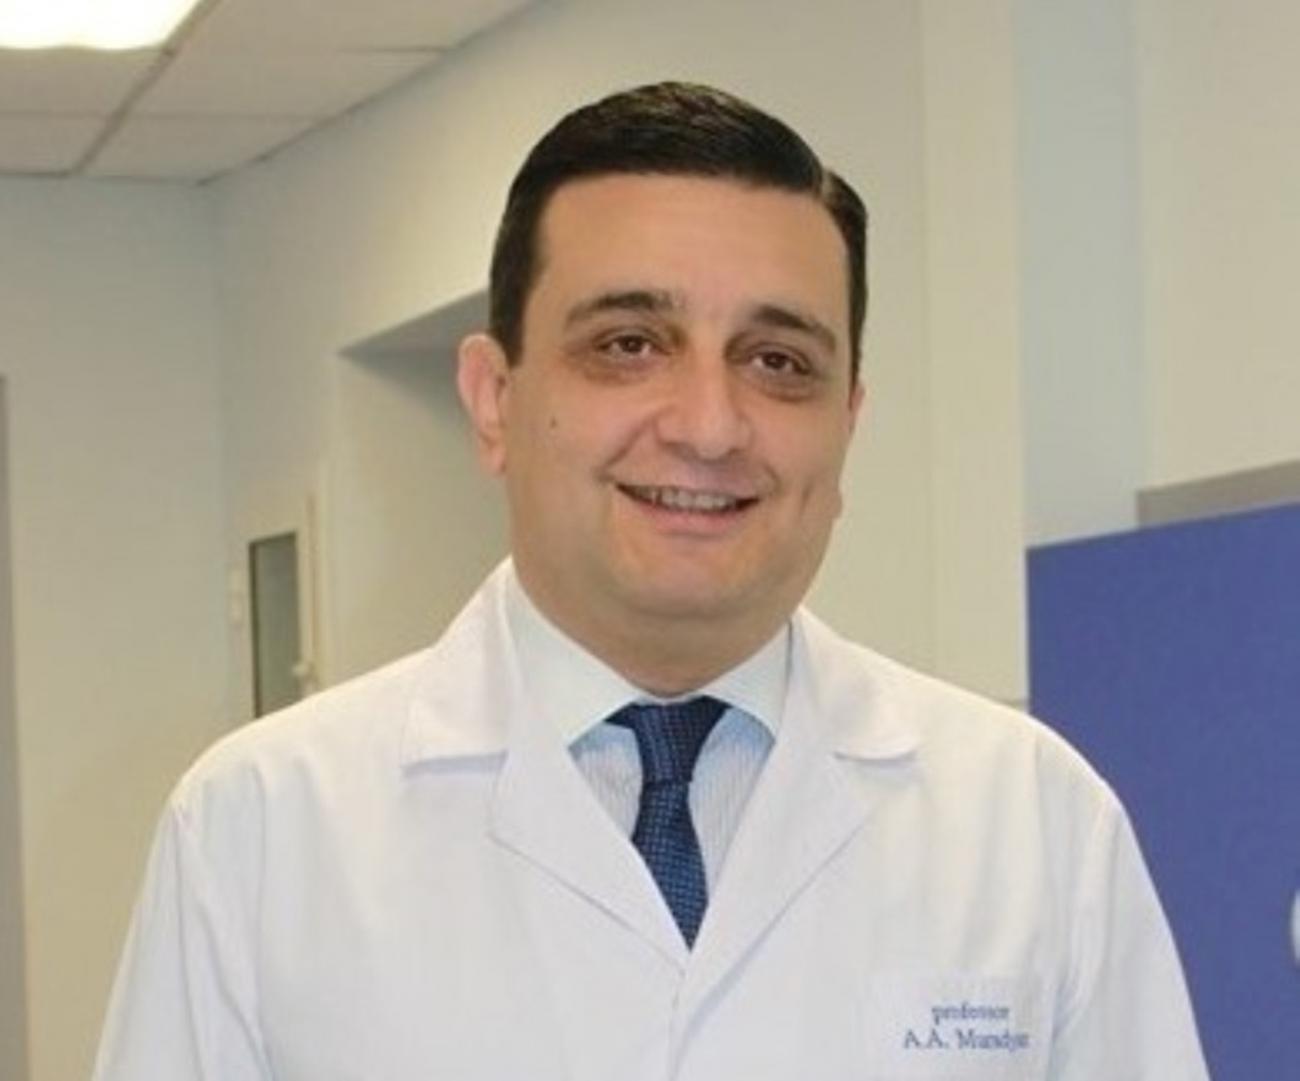 Ռեկտորը խնդրել է կլինիկական օրդինատորներին միանալ կորոնավիրուսի դեմ պայքարին